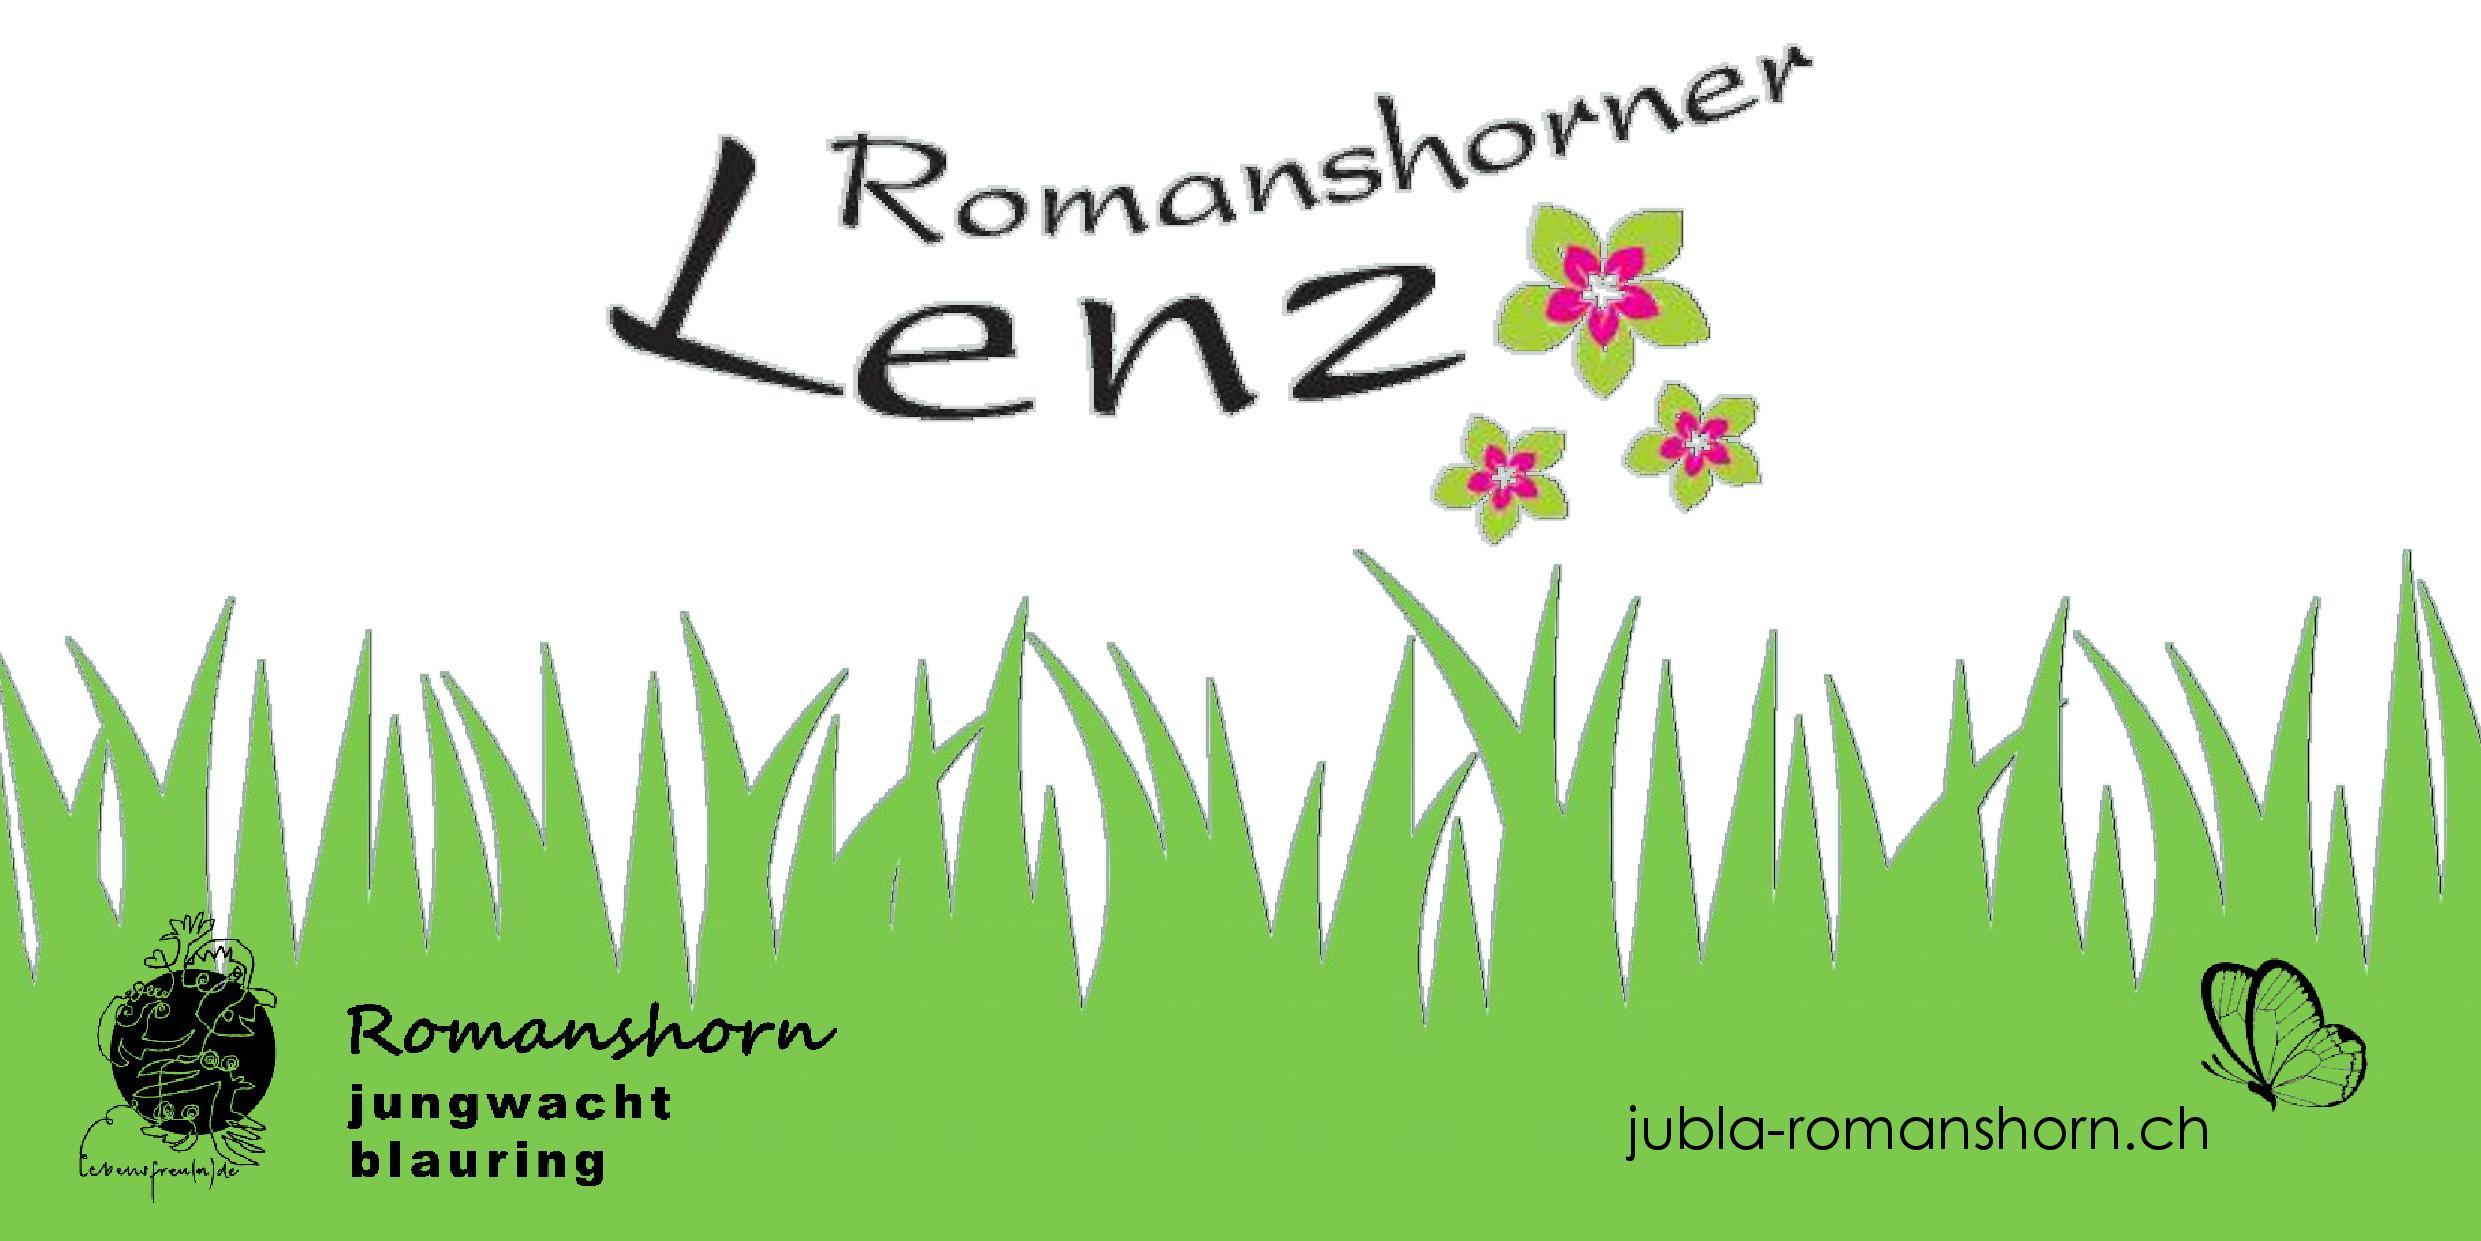 Romanshorner Lenz mit Jubla